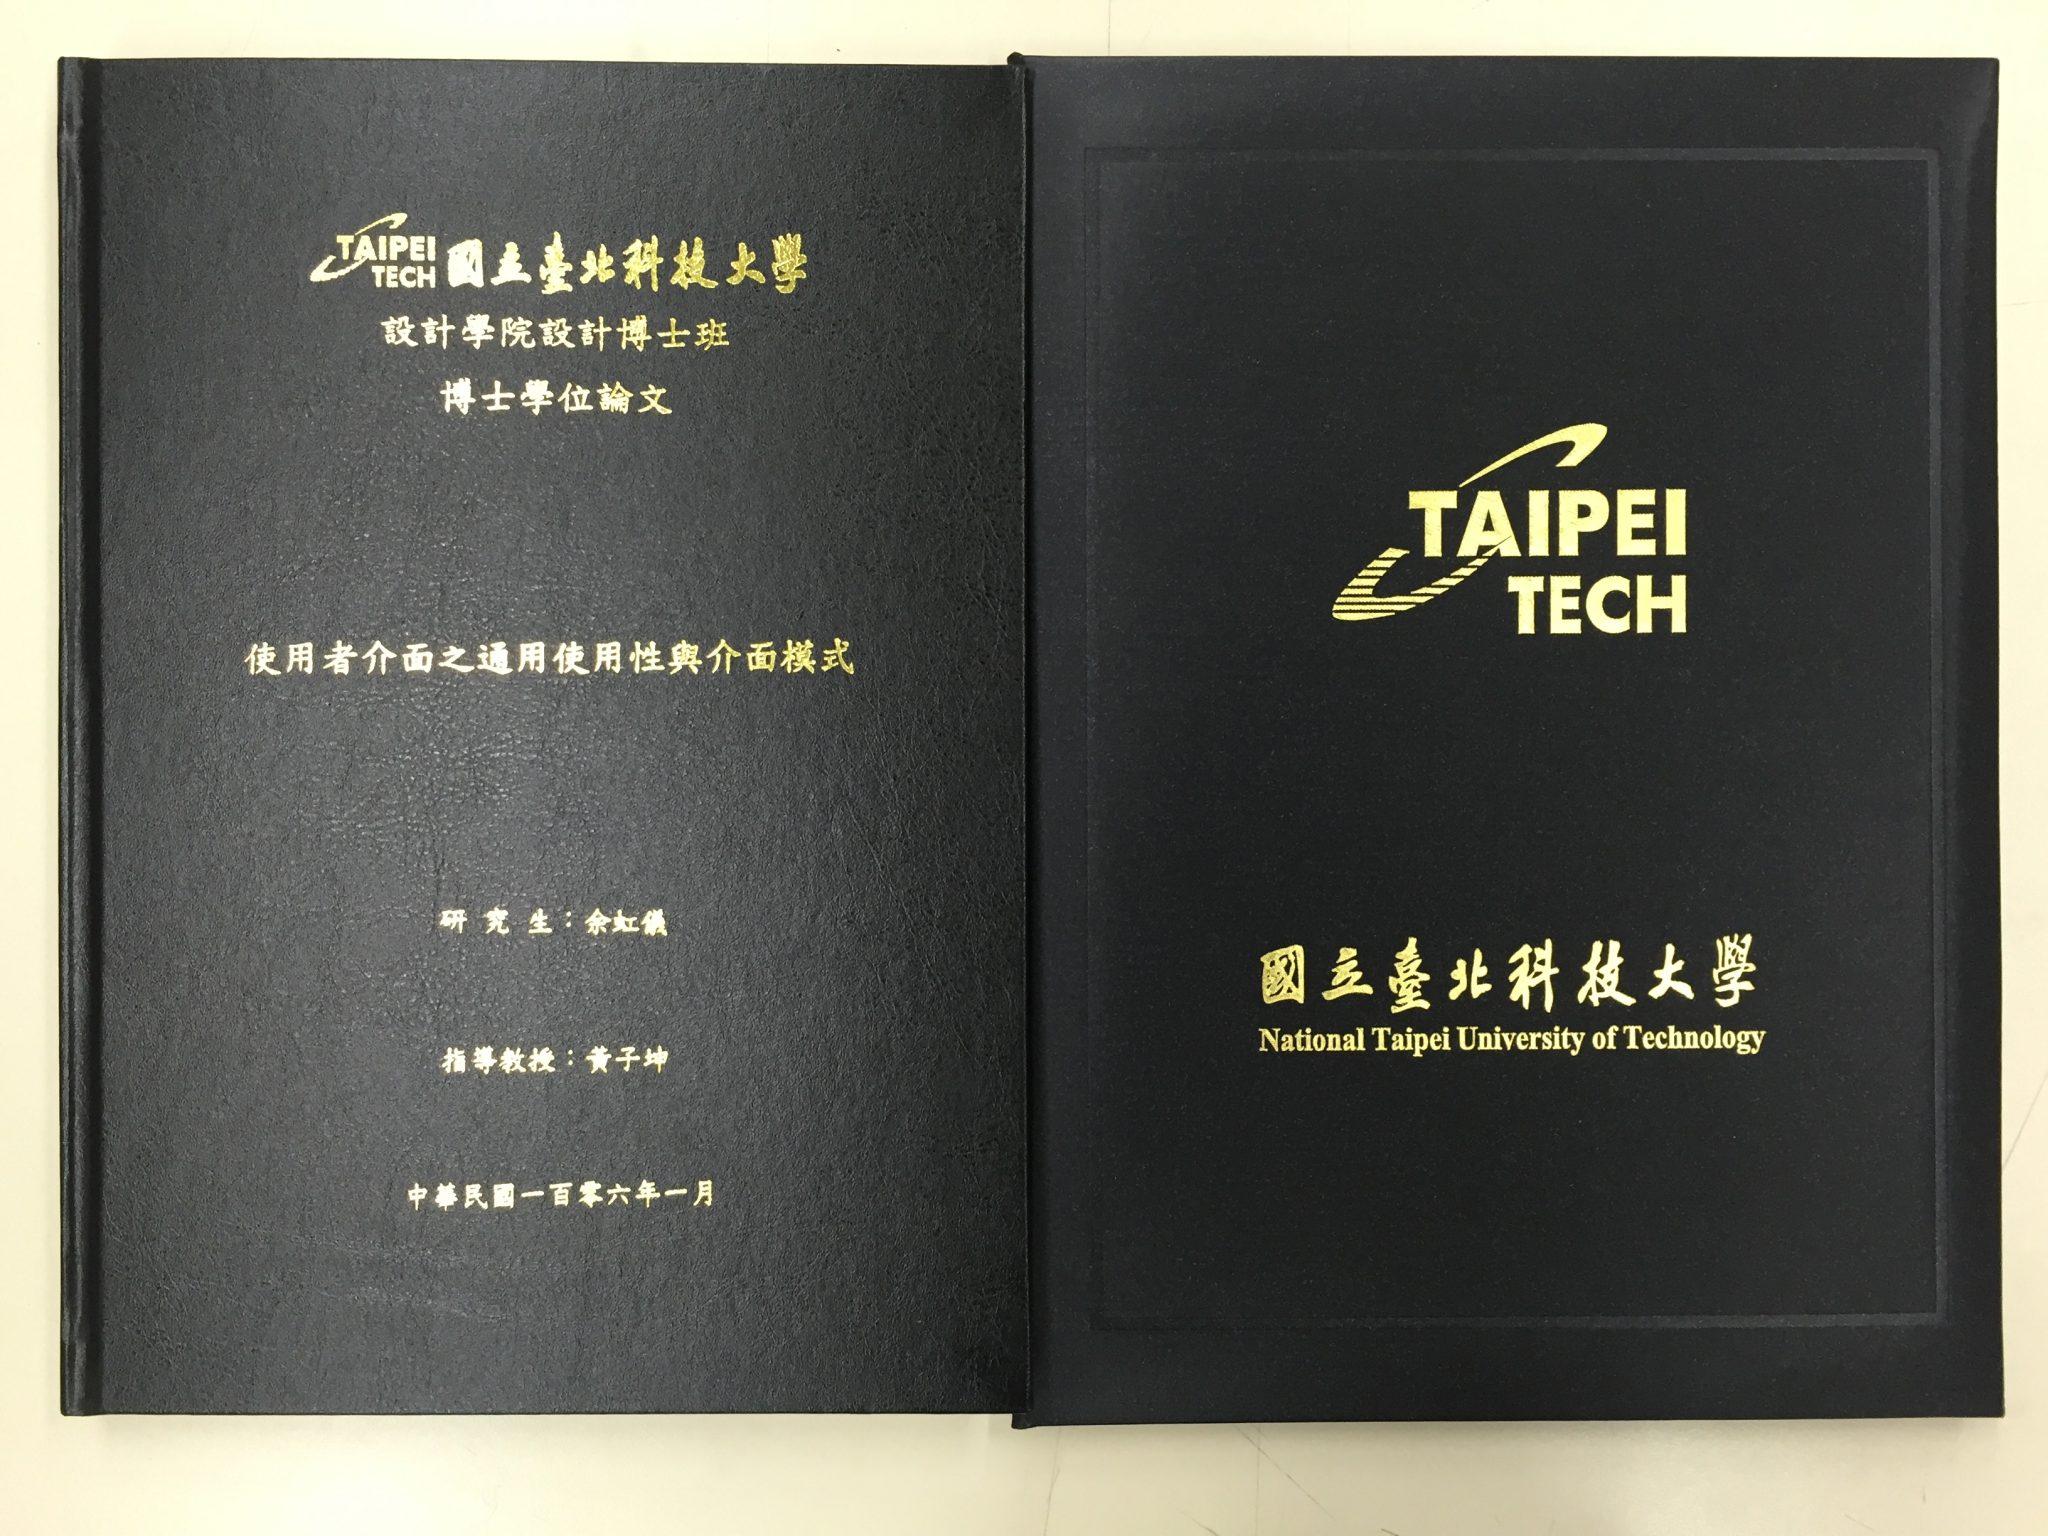 小魚博士論文及學位證書的封面